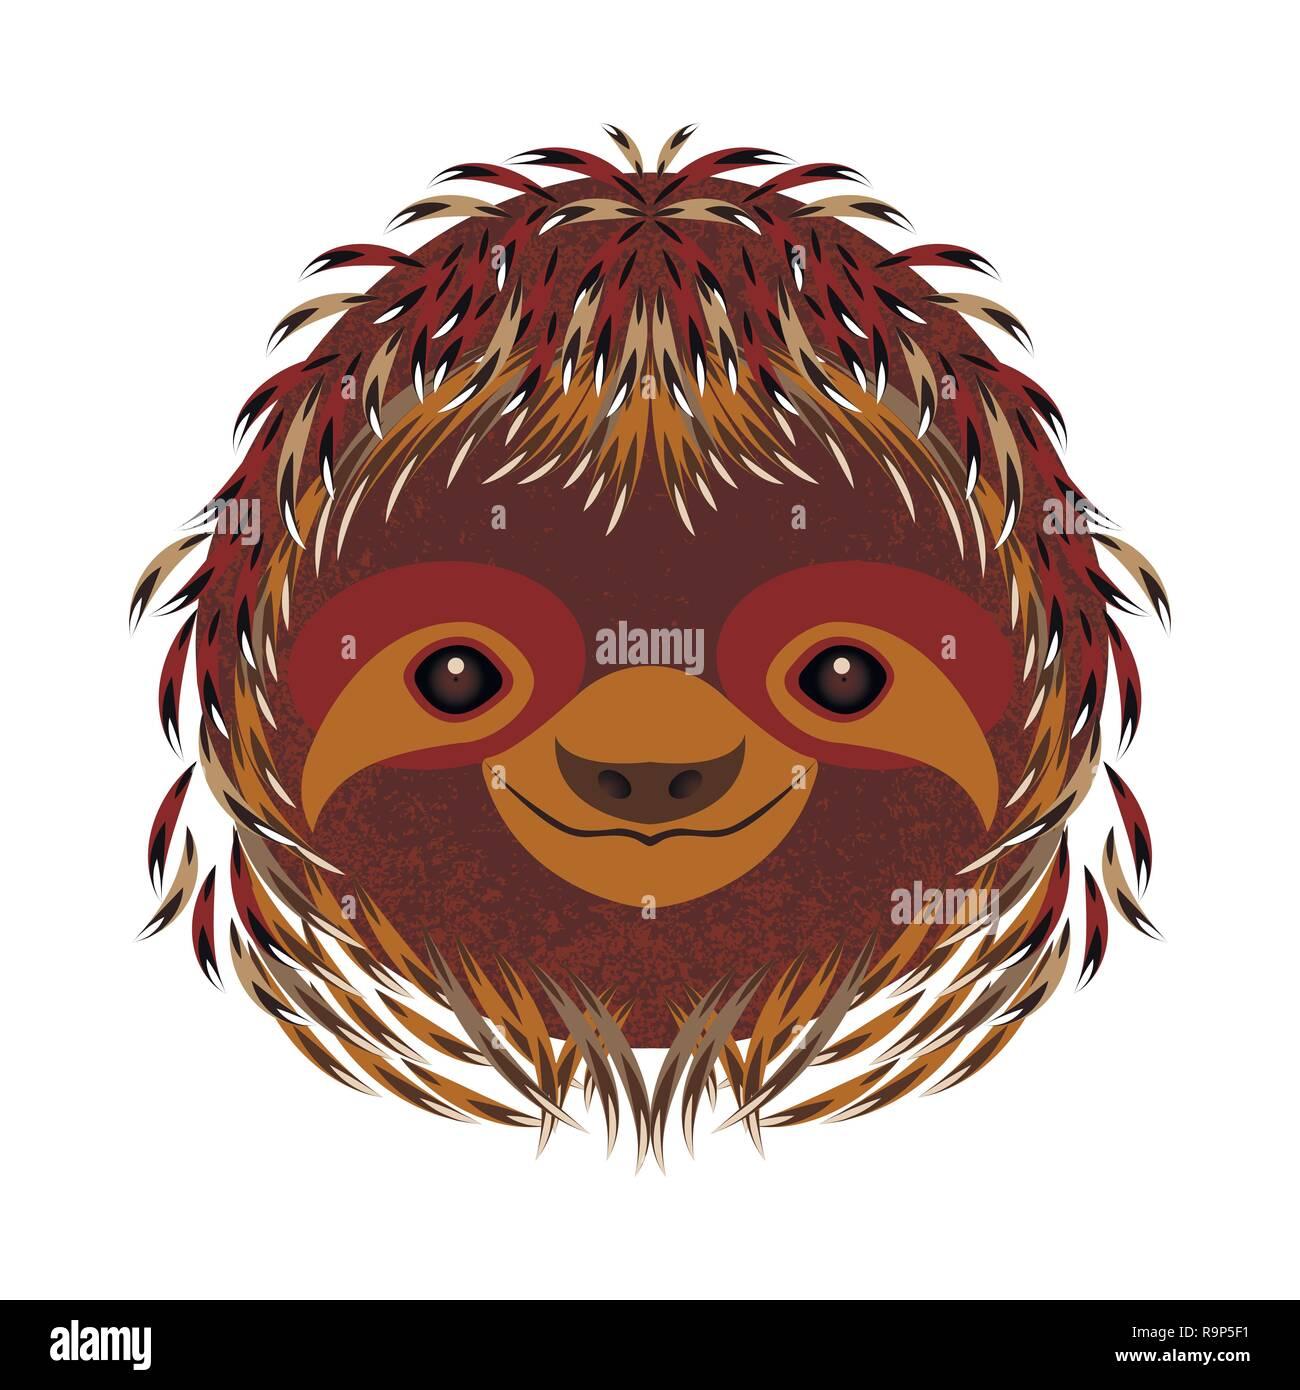 La pereza. La cara de la cabeza vertical. Pelaje marrón. Estilo de dibujos animados sonrisas Animal Ilustración del Vector